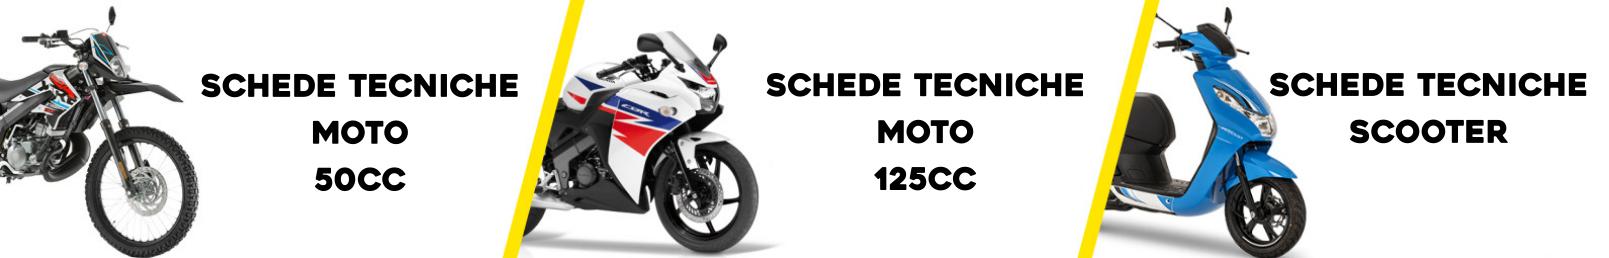 le schede tecniche moto e scooter